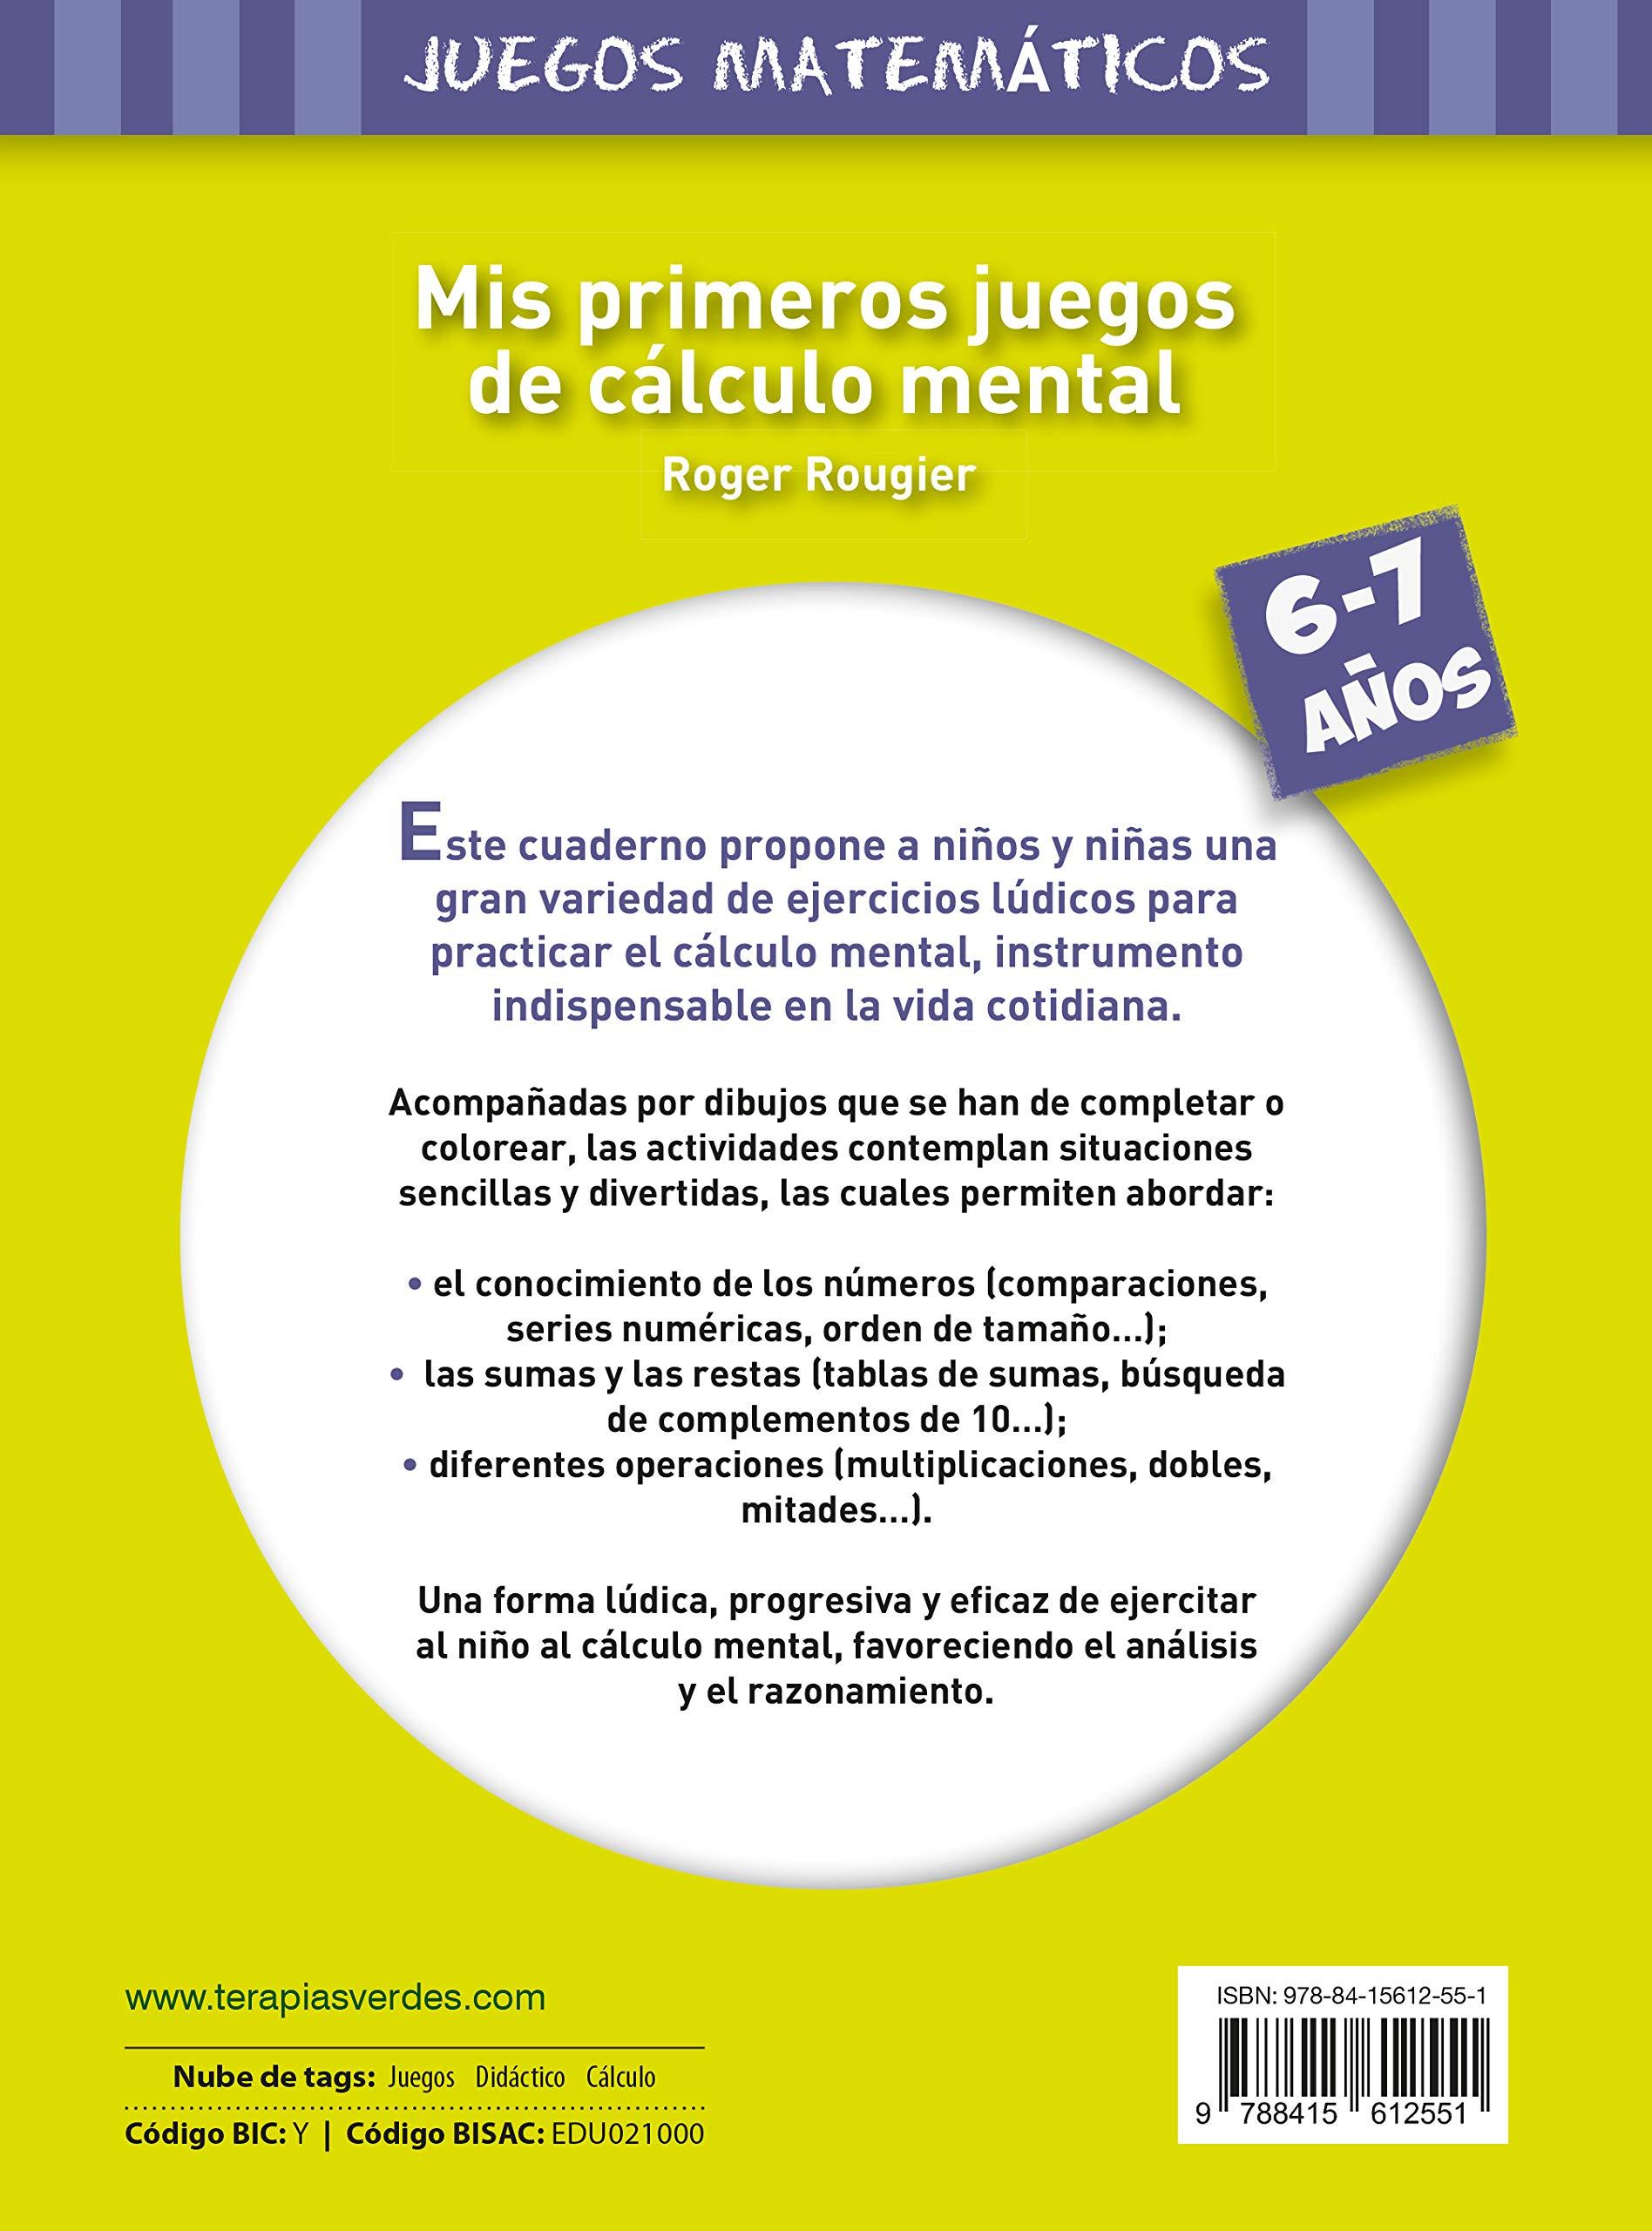 Mis primeros juegos de cálculo mental 6-7 años Terapias Juegos Matemáticos  - 9788415612551 Terapias Juegos Didácticos: Amazon.es: R. ROUGIER: Libros